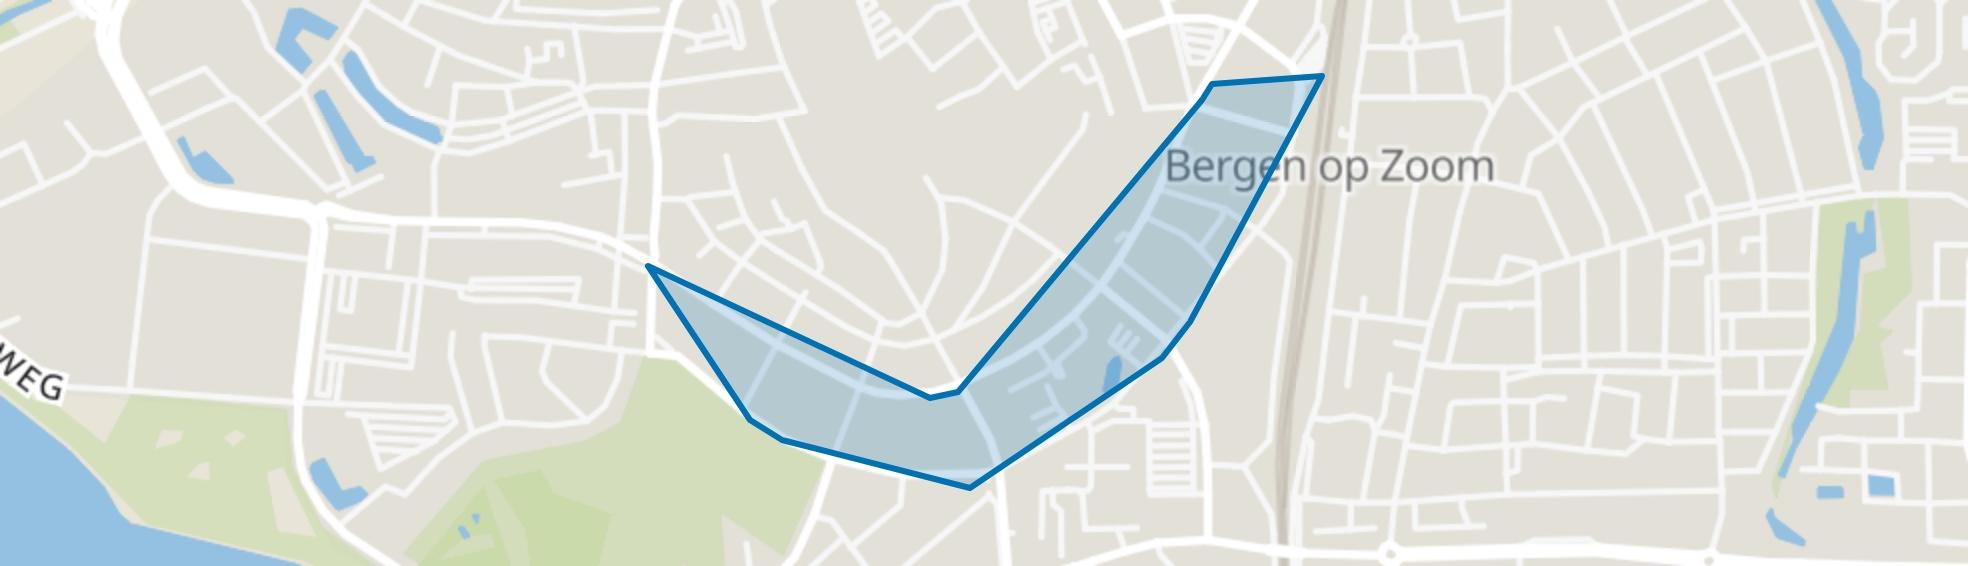 Vestinggronden-Zuid, Bergen op Zoom map